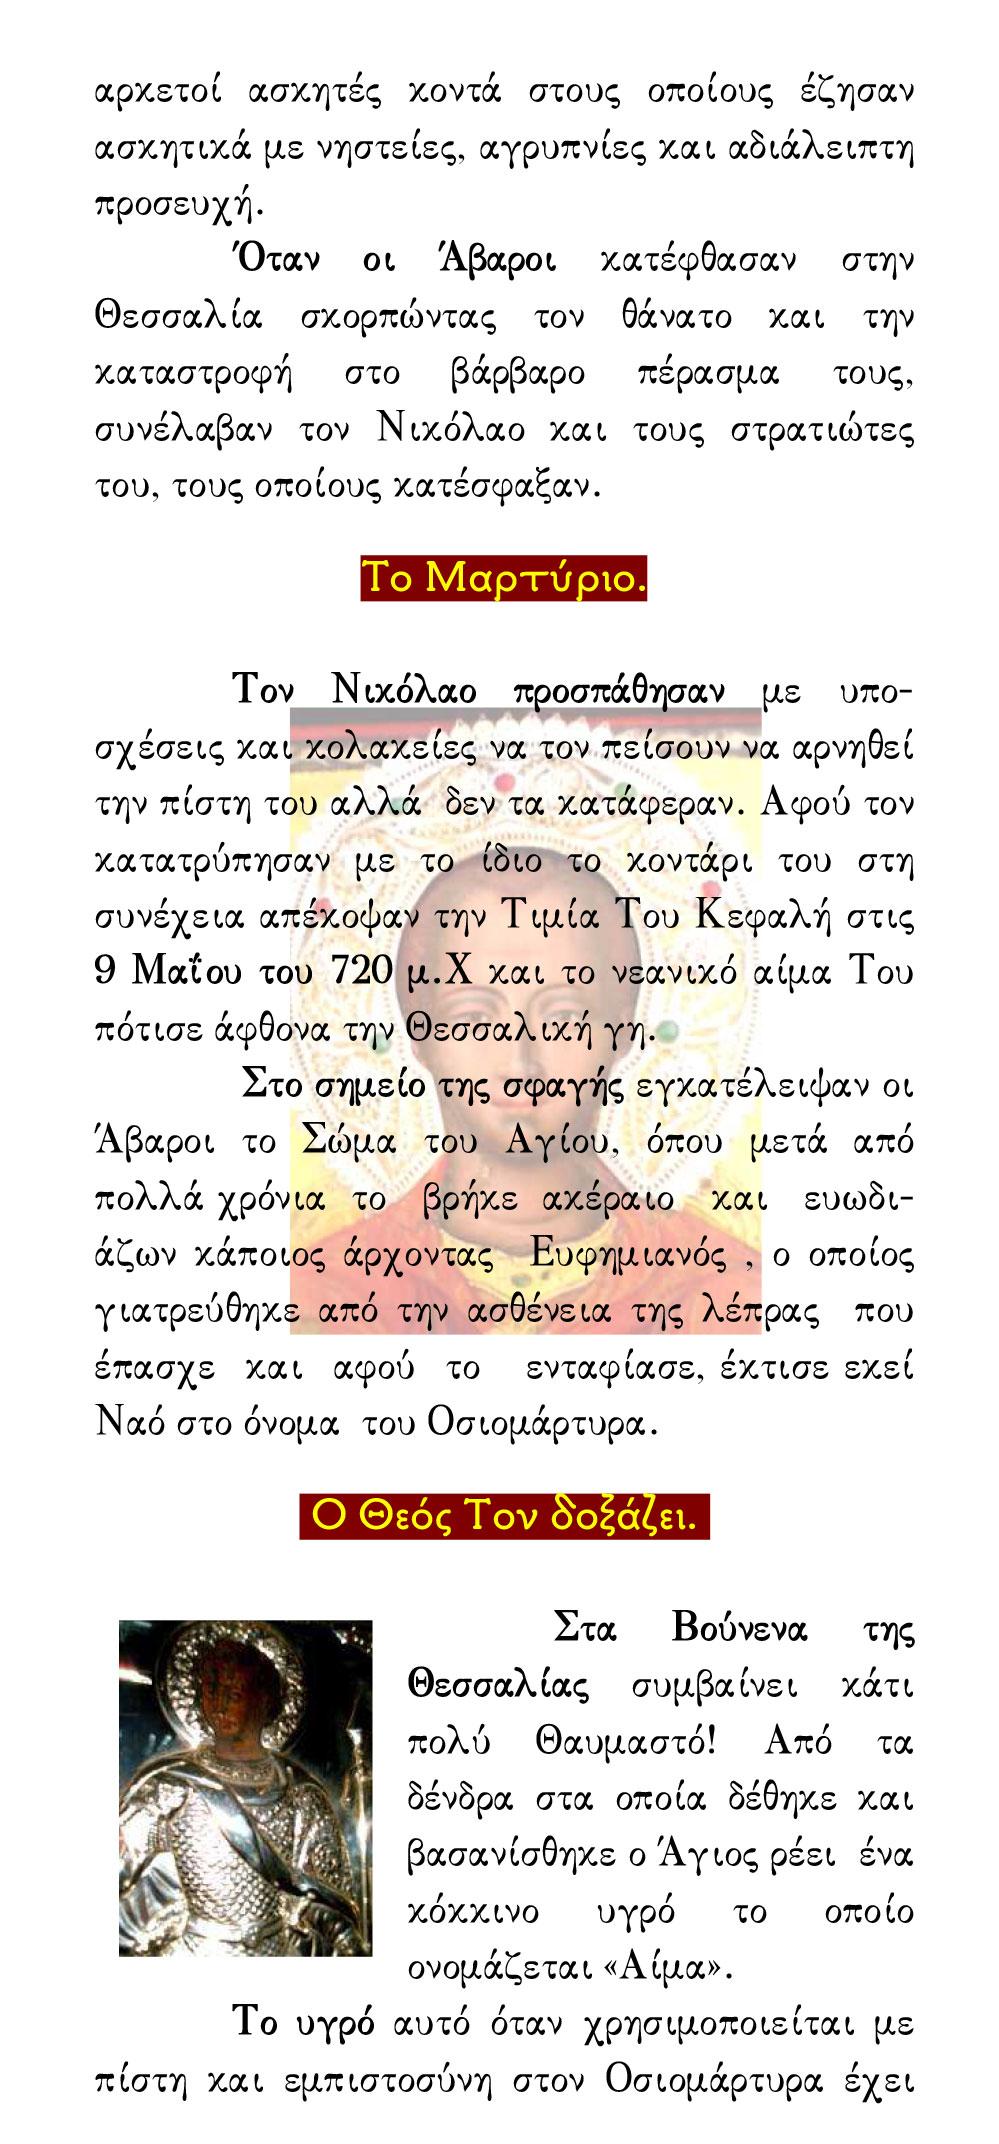 ΓΝΩΡΙΜΙΑ-ΜΕ-ΤΟΝ-ΑΓΙΟ-ΜΑΣ-ΟΣΙΟΜΑΡΤΥΡΑΣ-ΝΙΚΟΛΑΟΣ-Ο-ΝΕΟΣ-5a